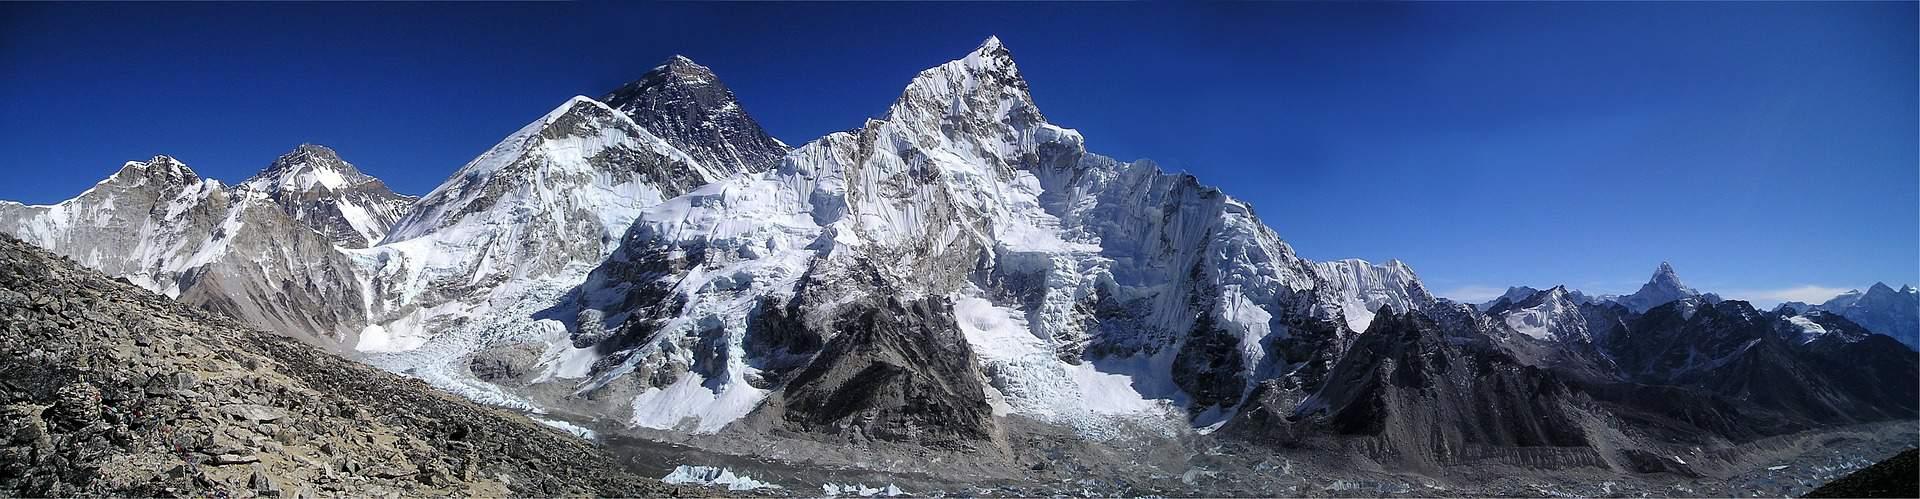 Himalaya Mount Everest mountain summit